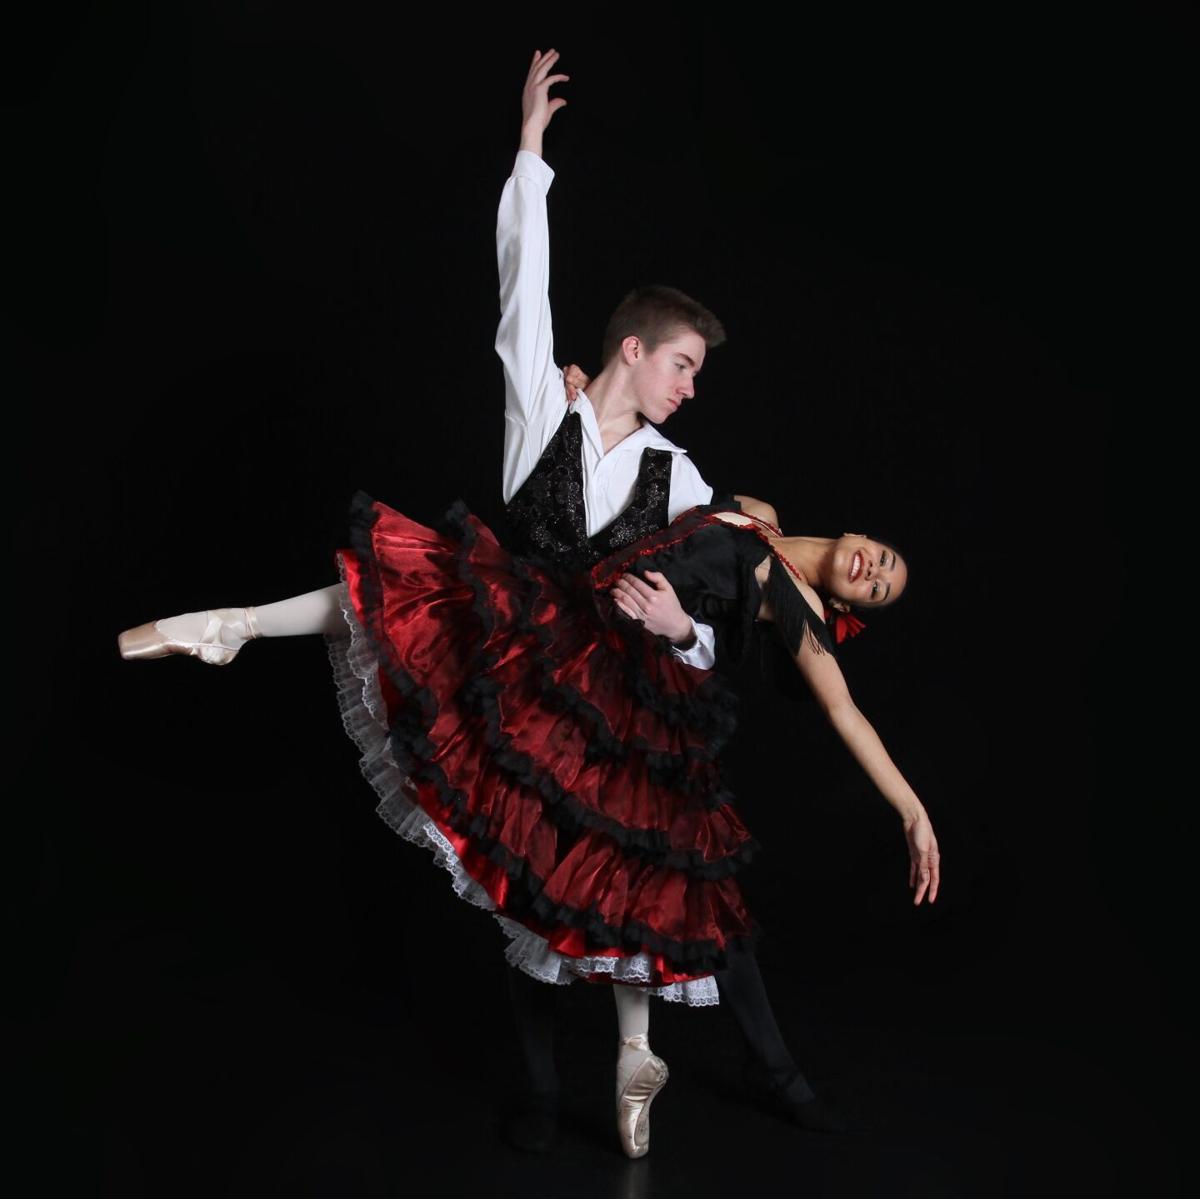 040821 ballet 1.jpg